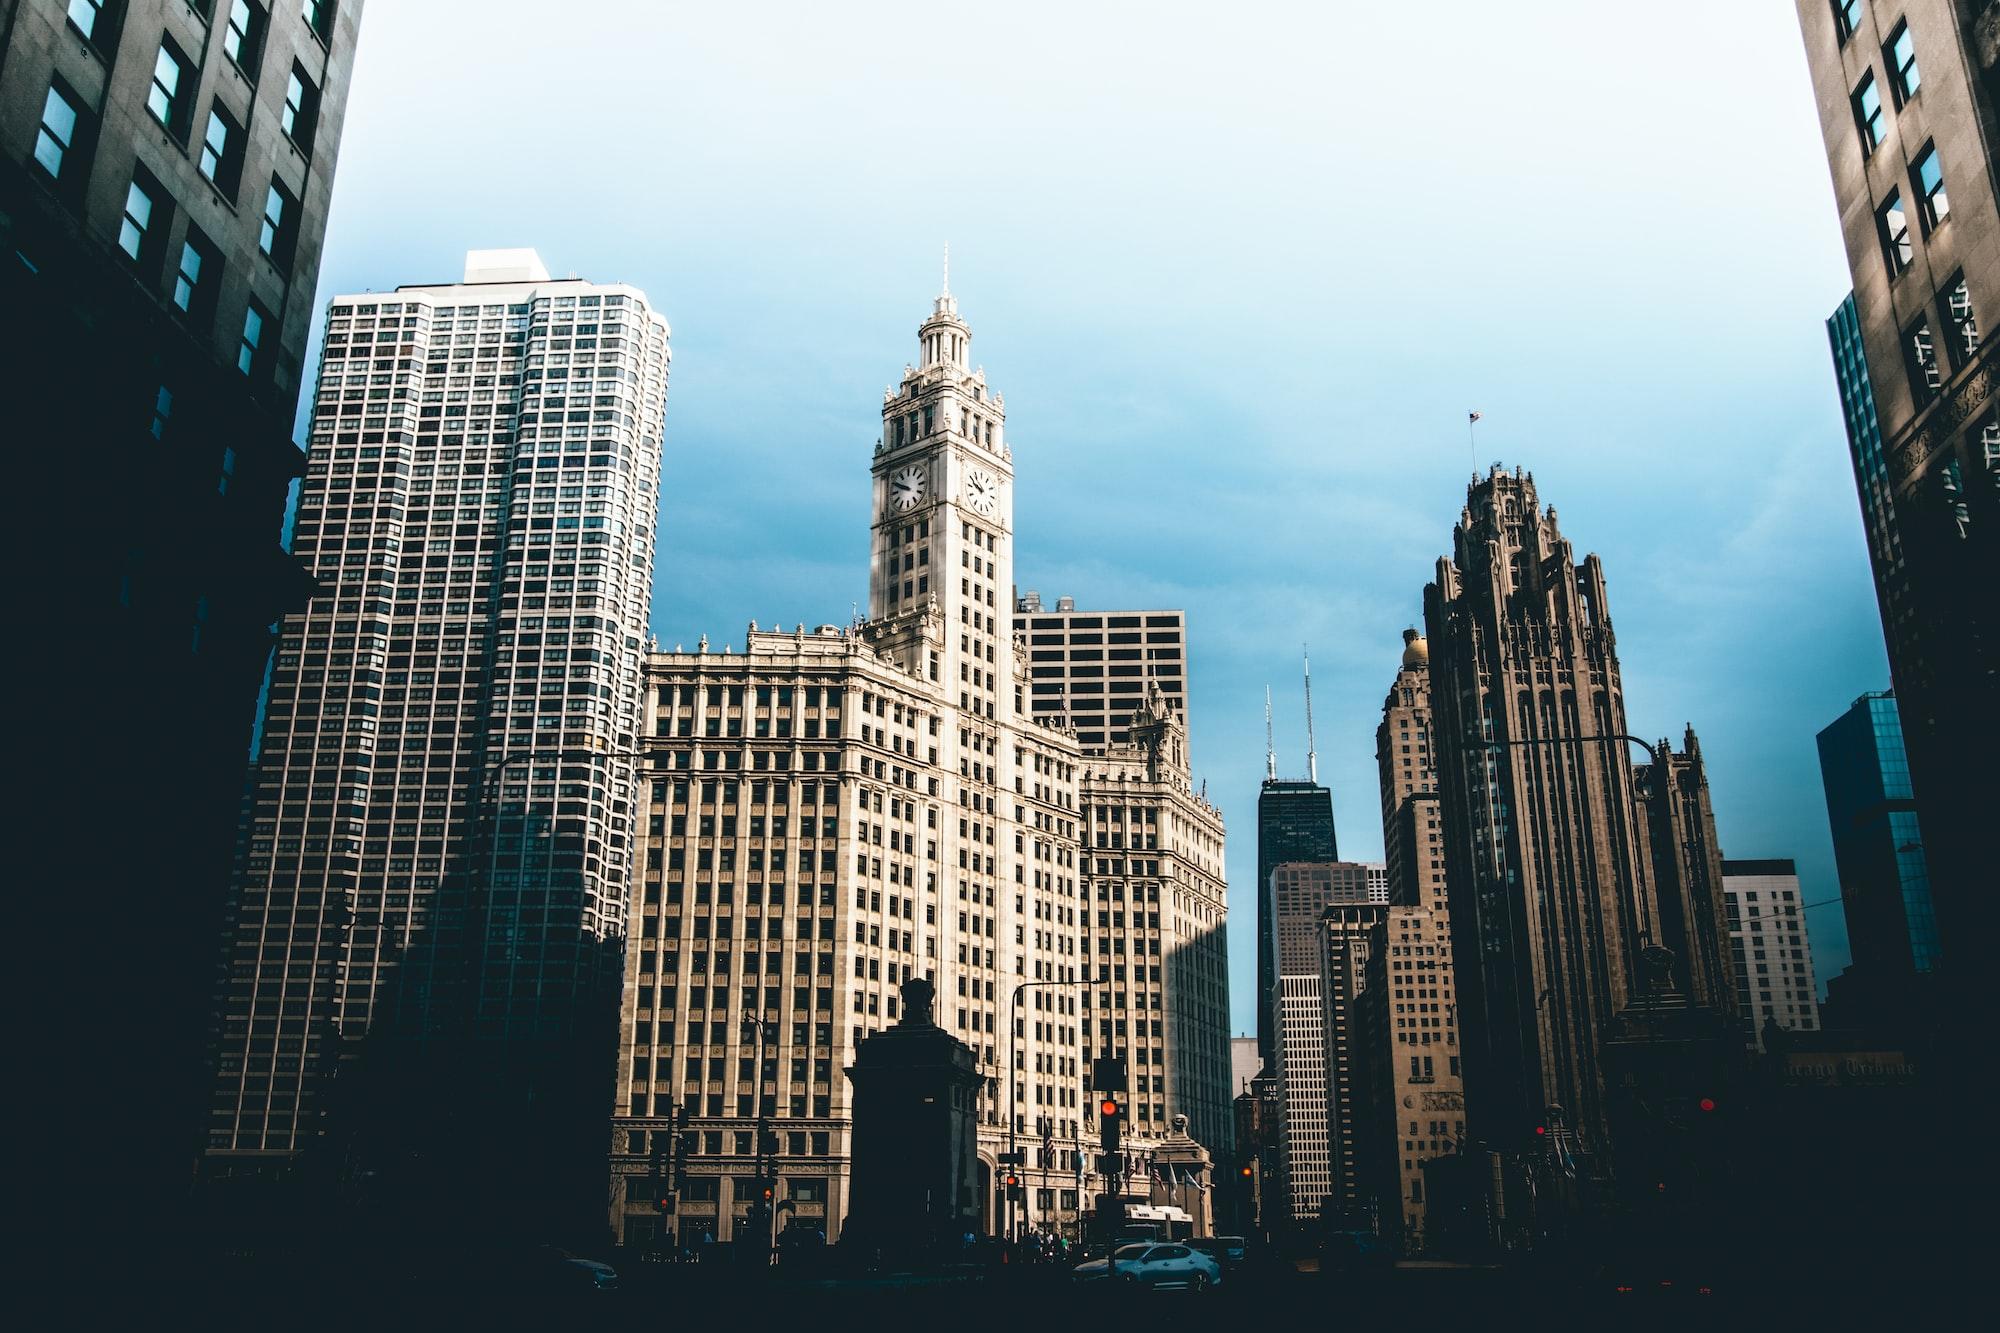 Chicago's Best Architecture